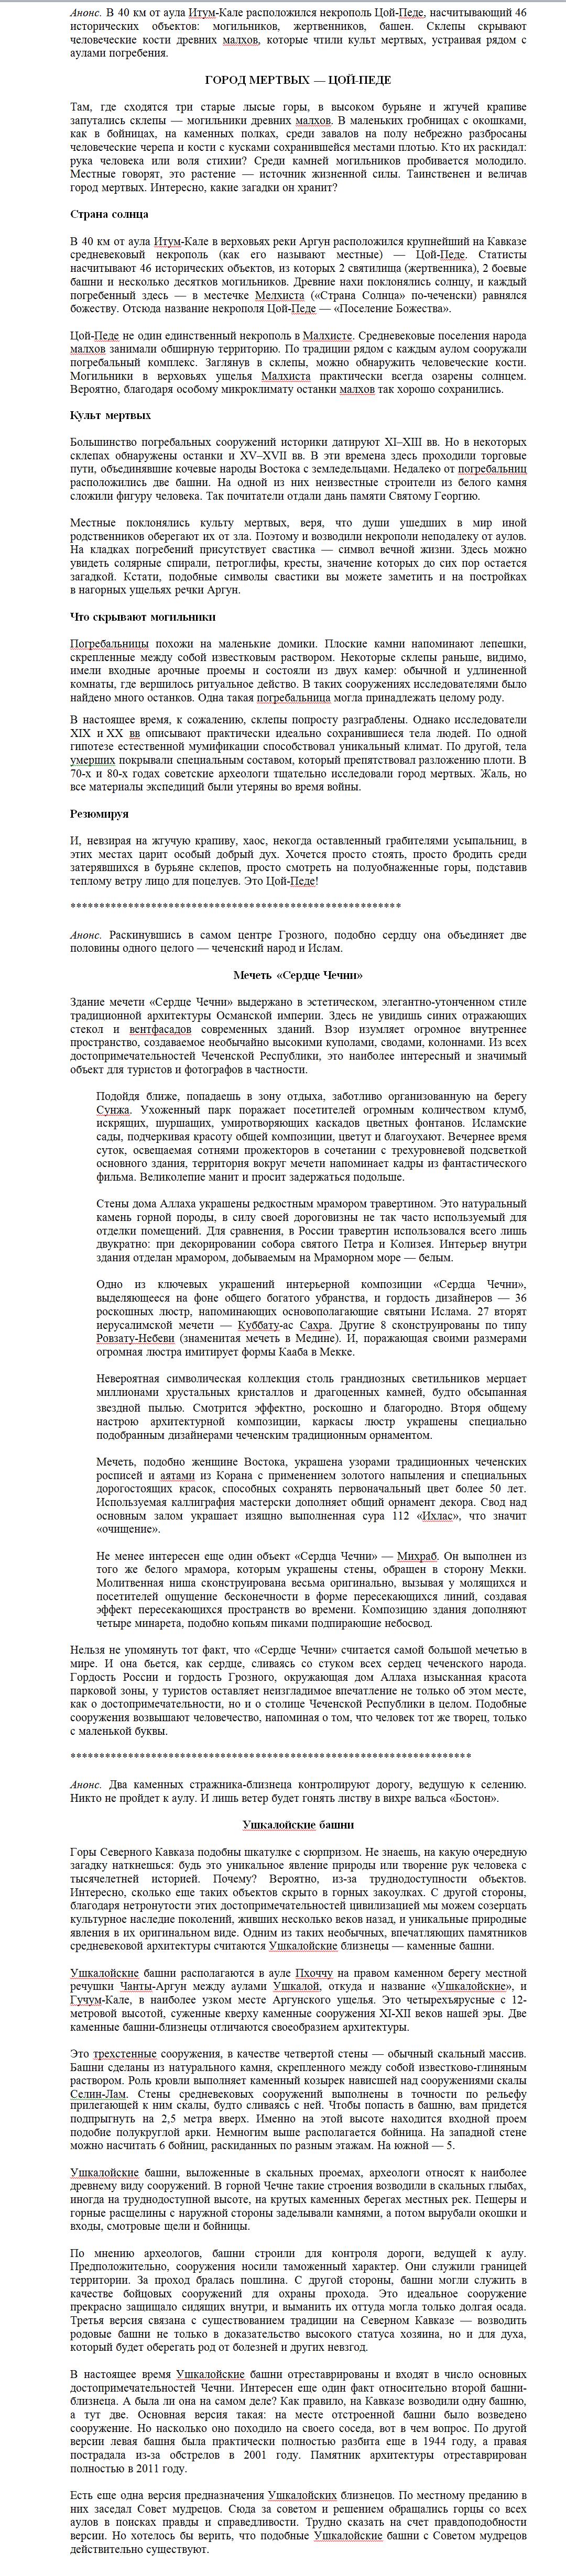 Описания достопримечательностей Чечни (30 текстов для сайта турагенства)